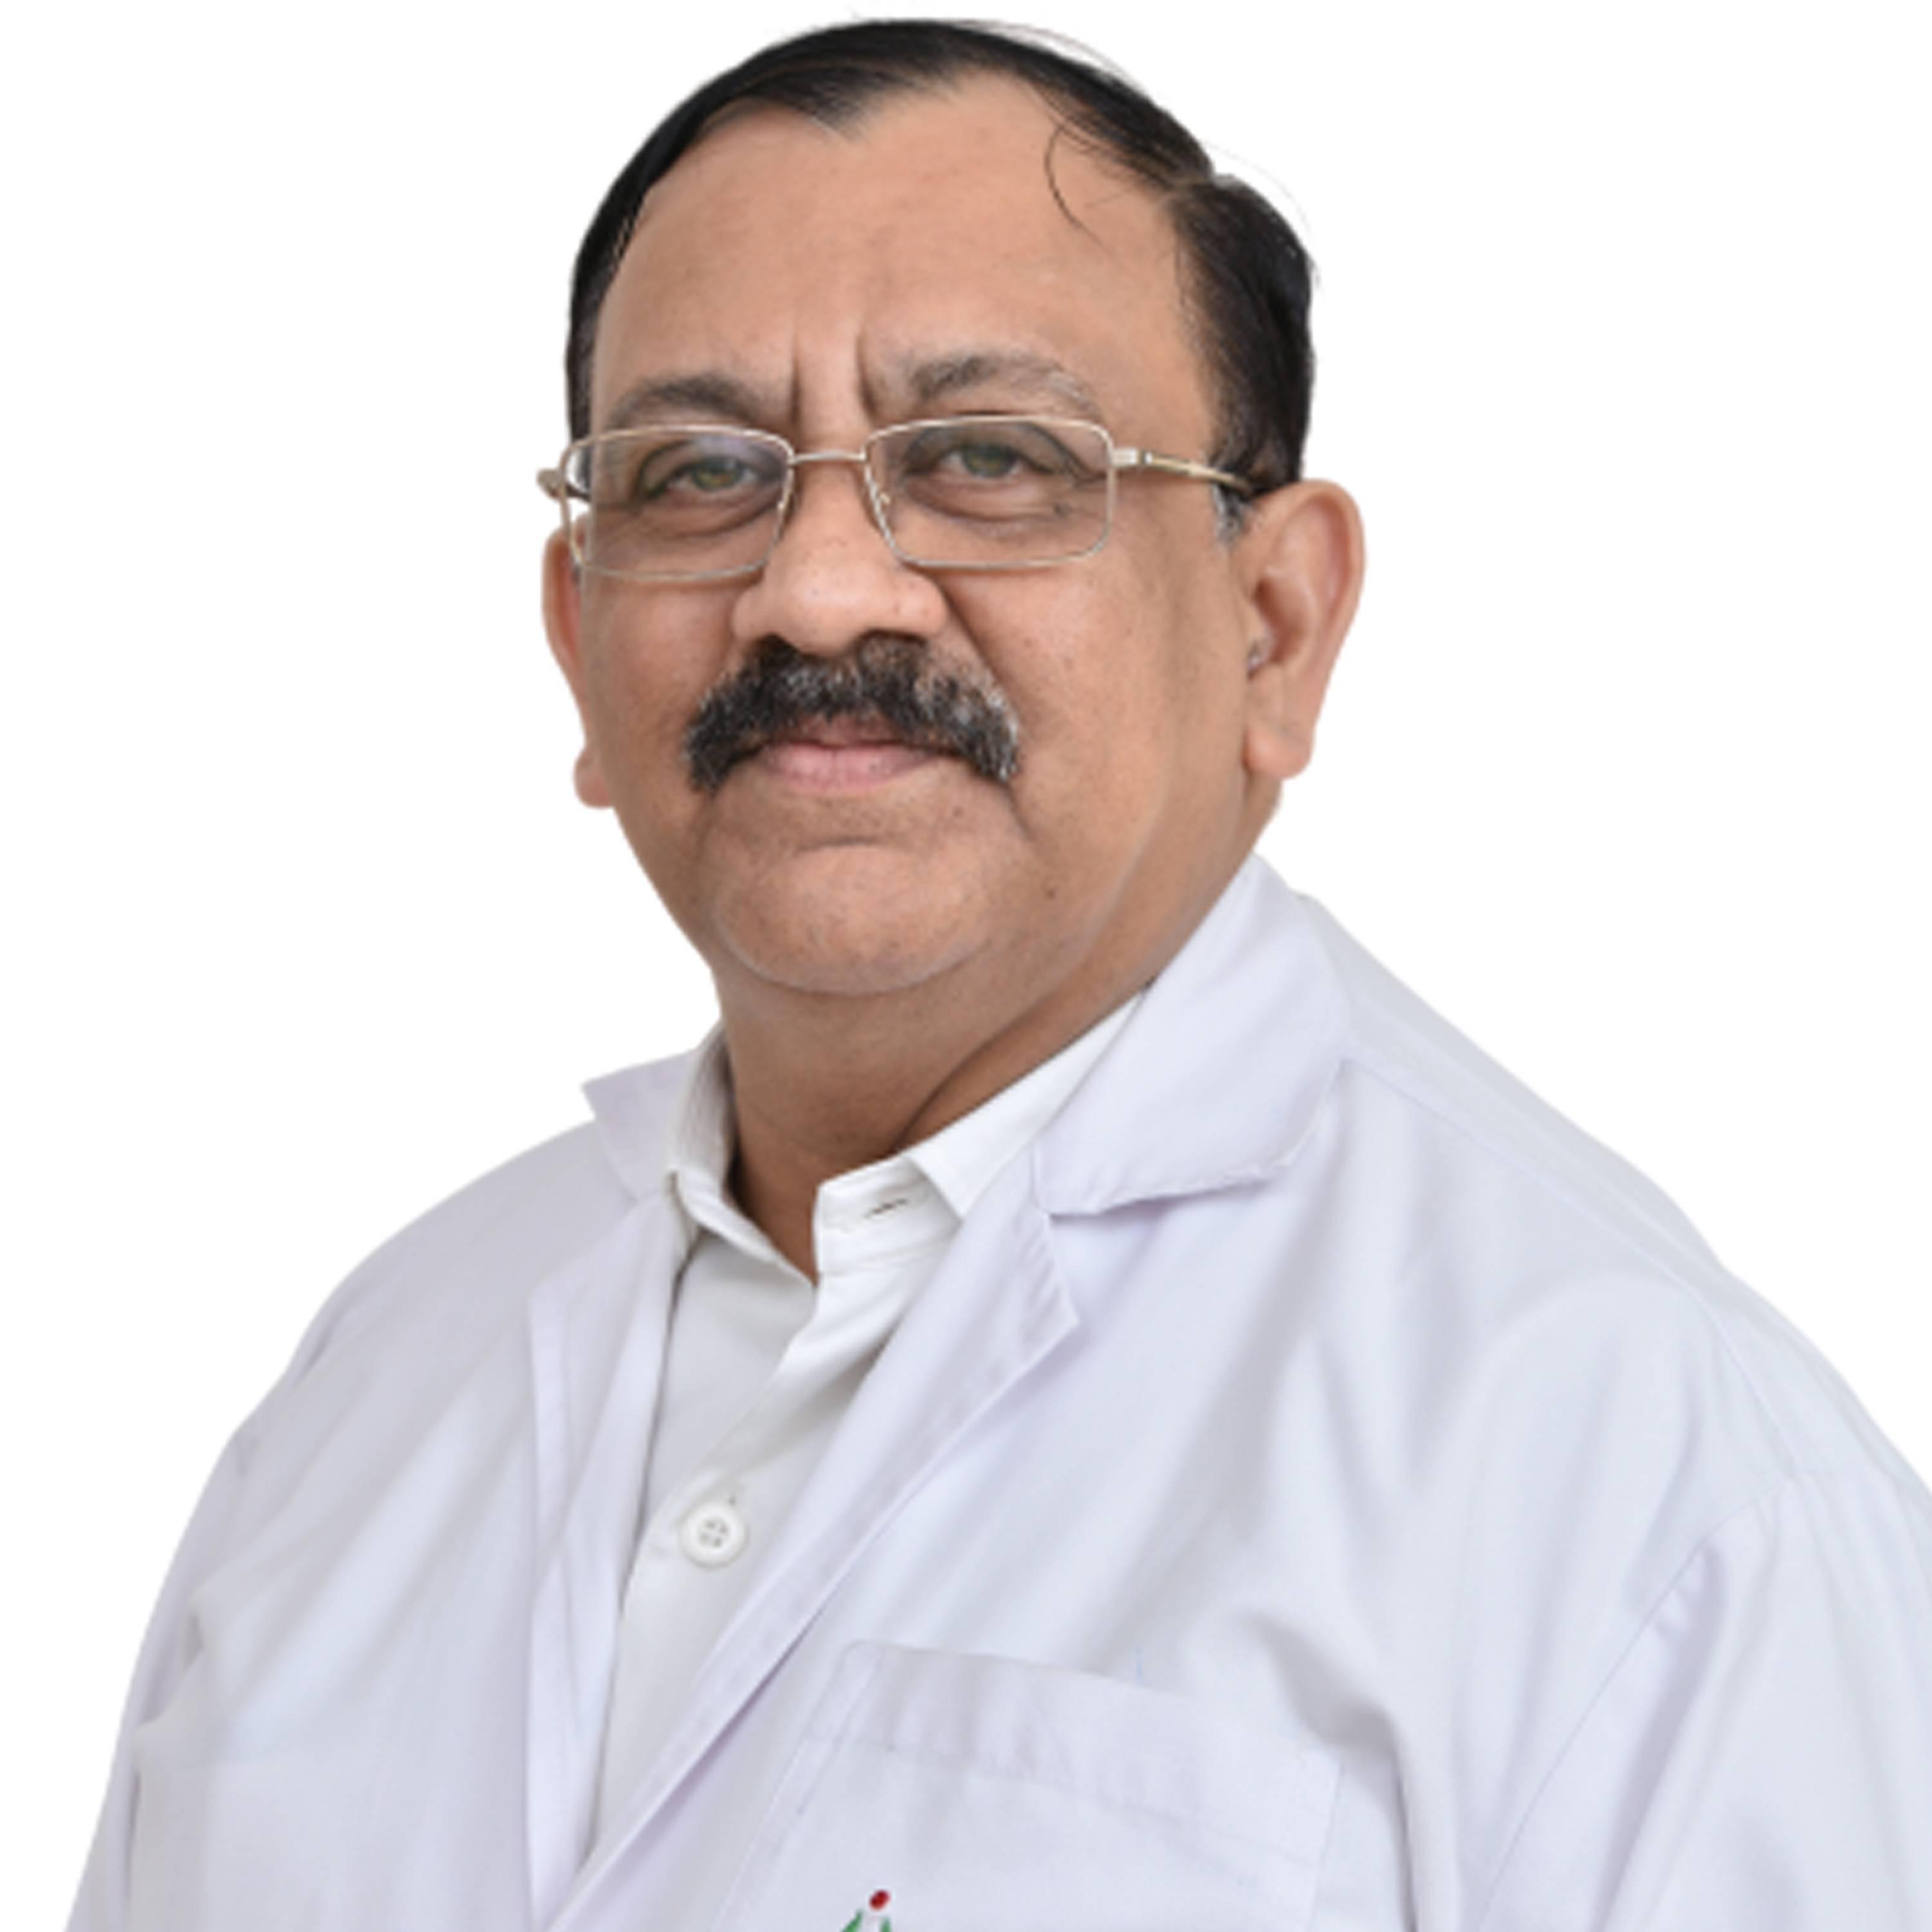 Dr. VIVEK SONI